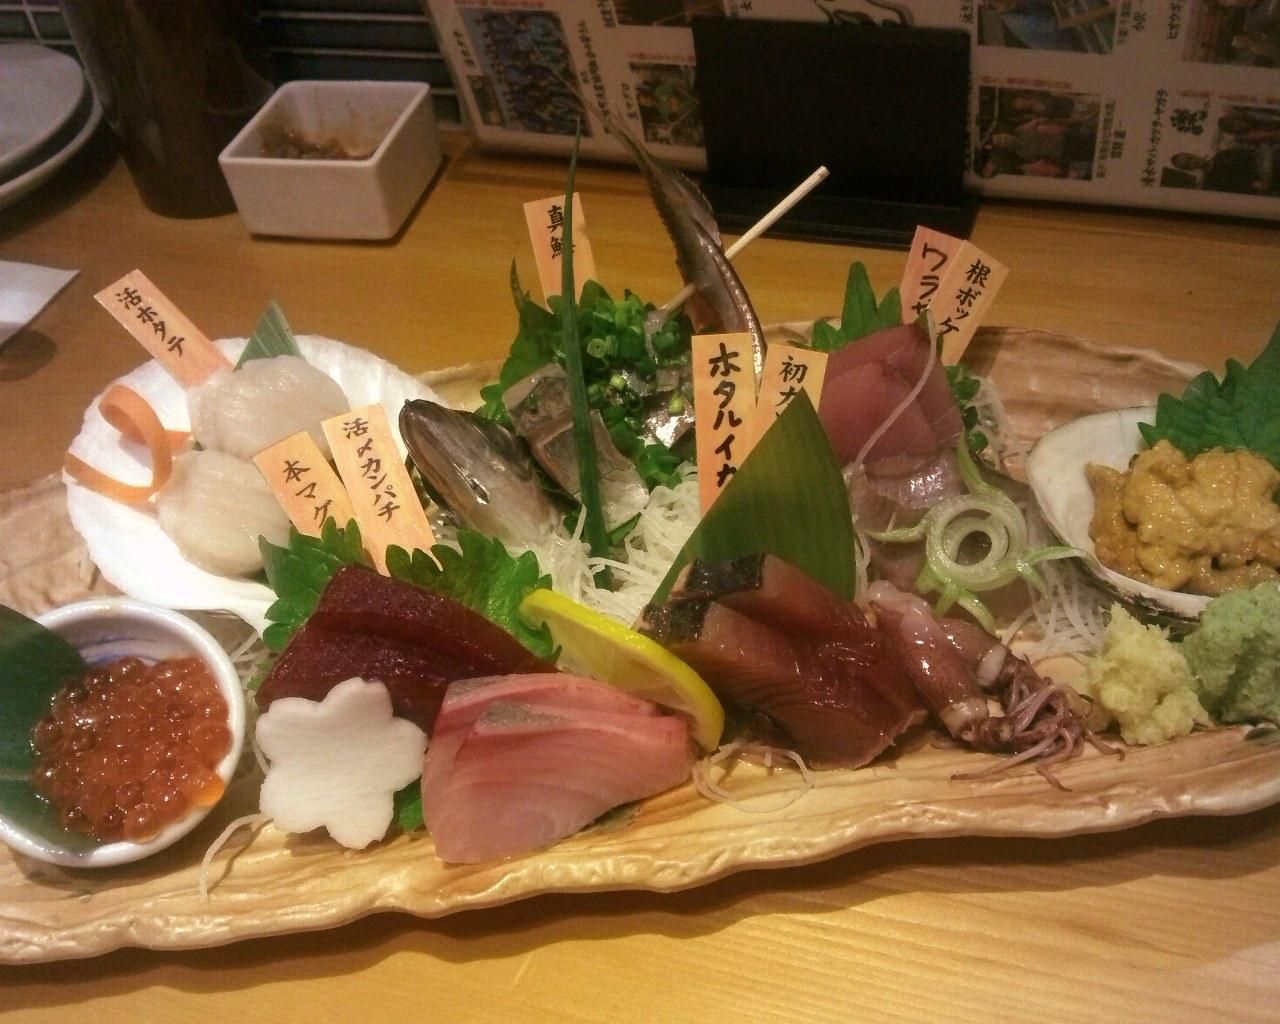 四ツ谷魚一商店